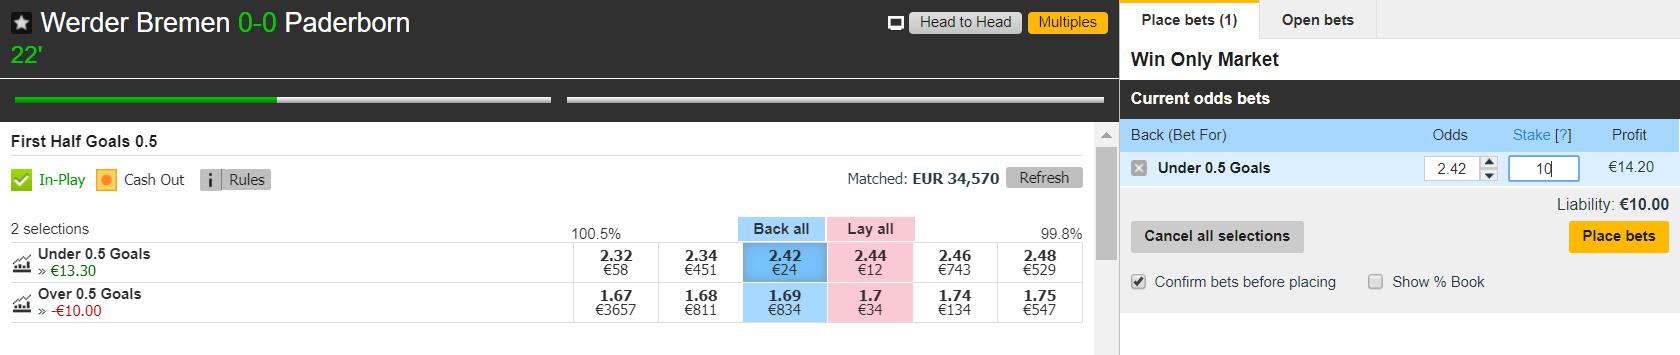 Werder Brema vs. Paderborn - PrimoTempo Under/Over 0.5